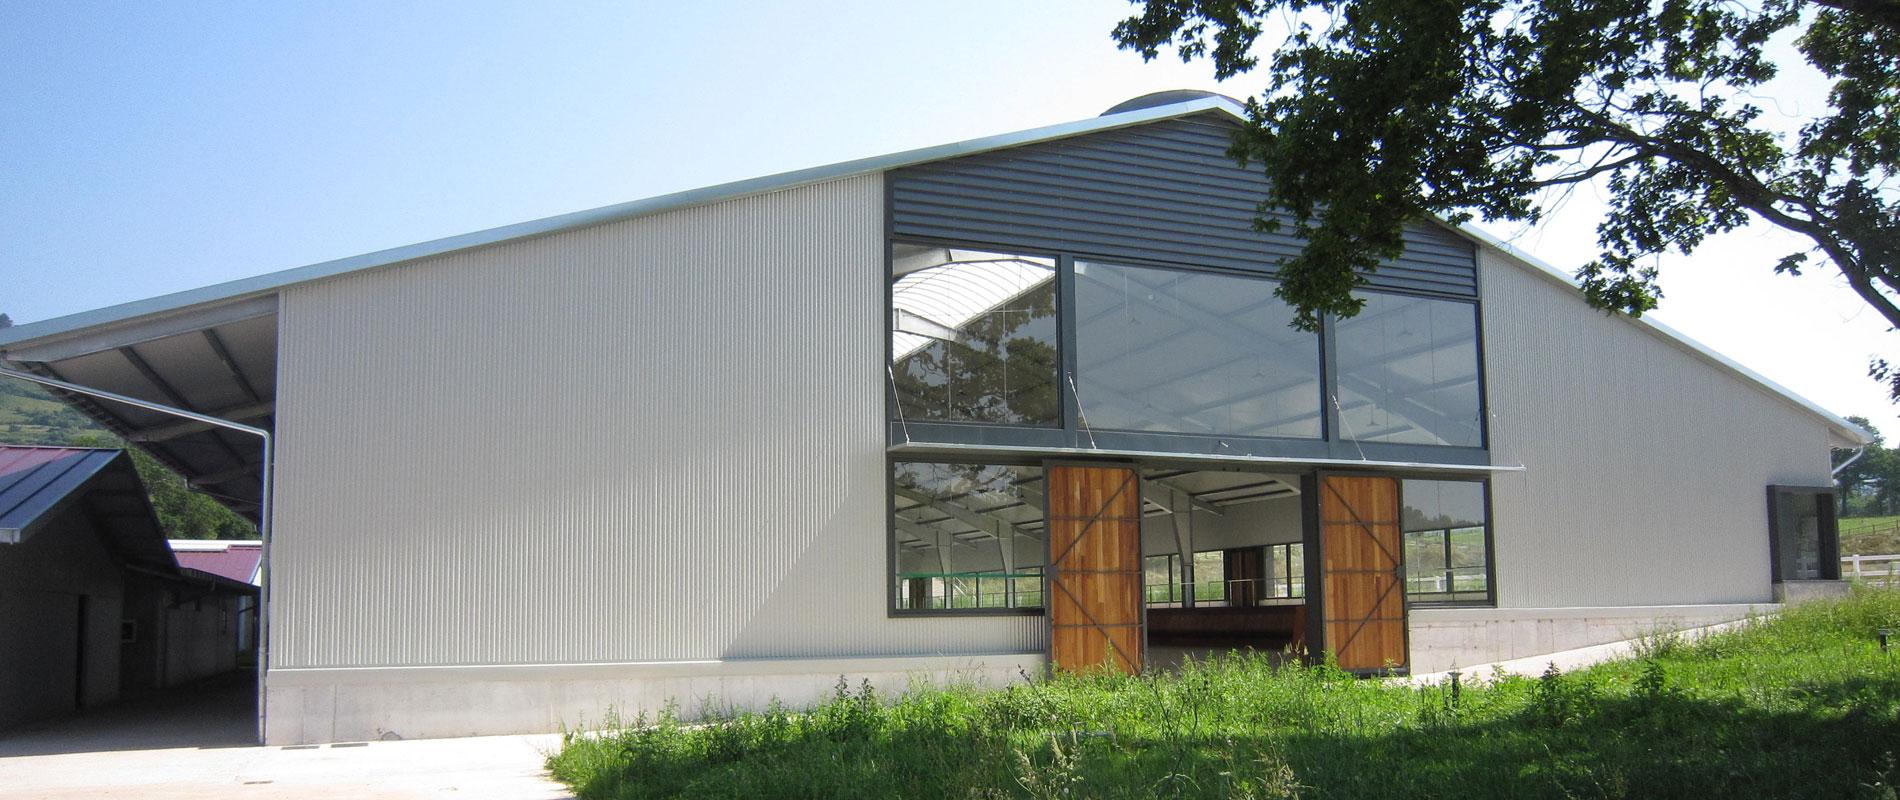 .CENTRO-ECUESTRE-VDS-Arquitectos